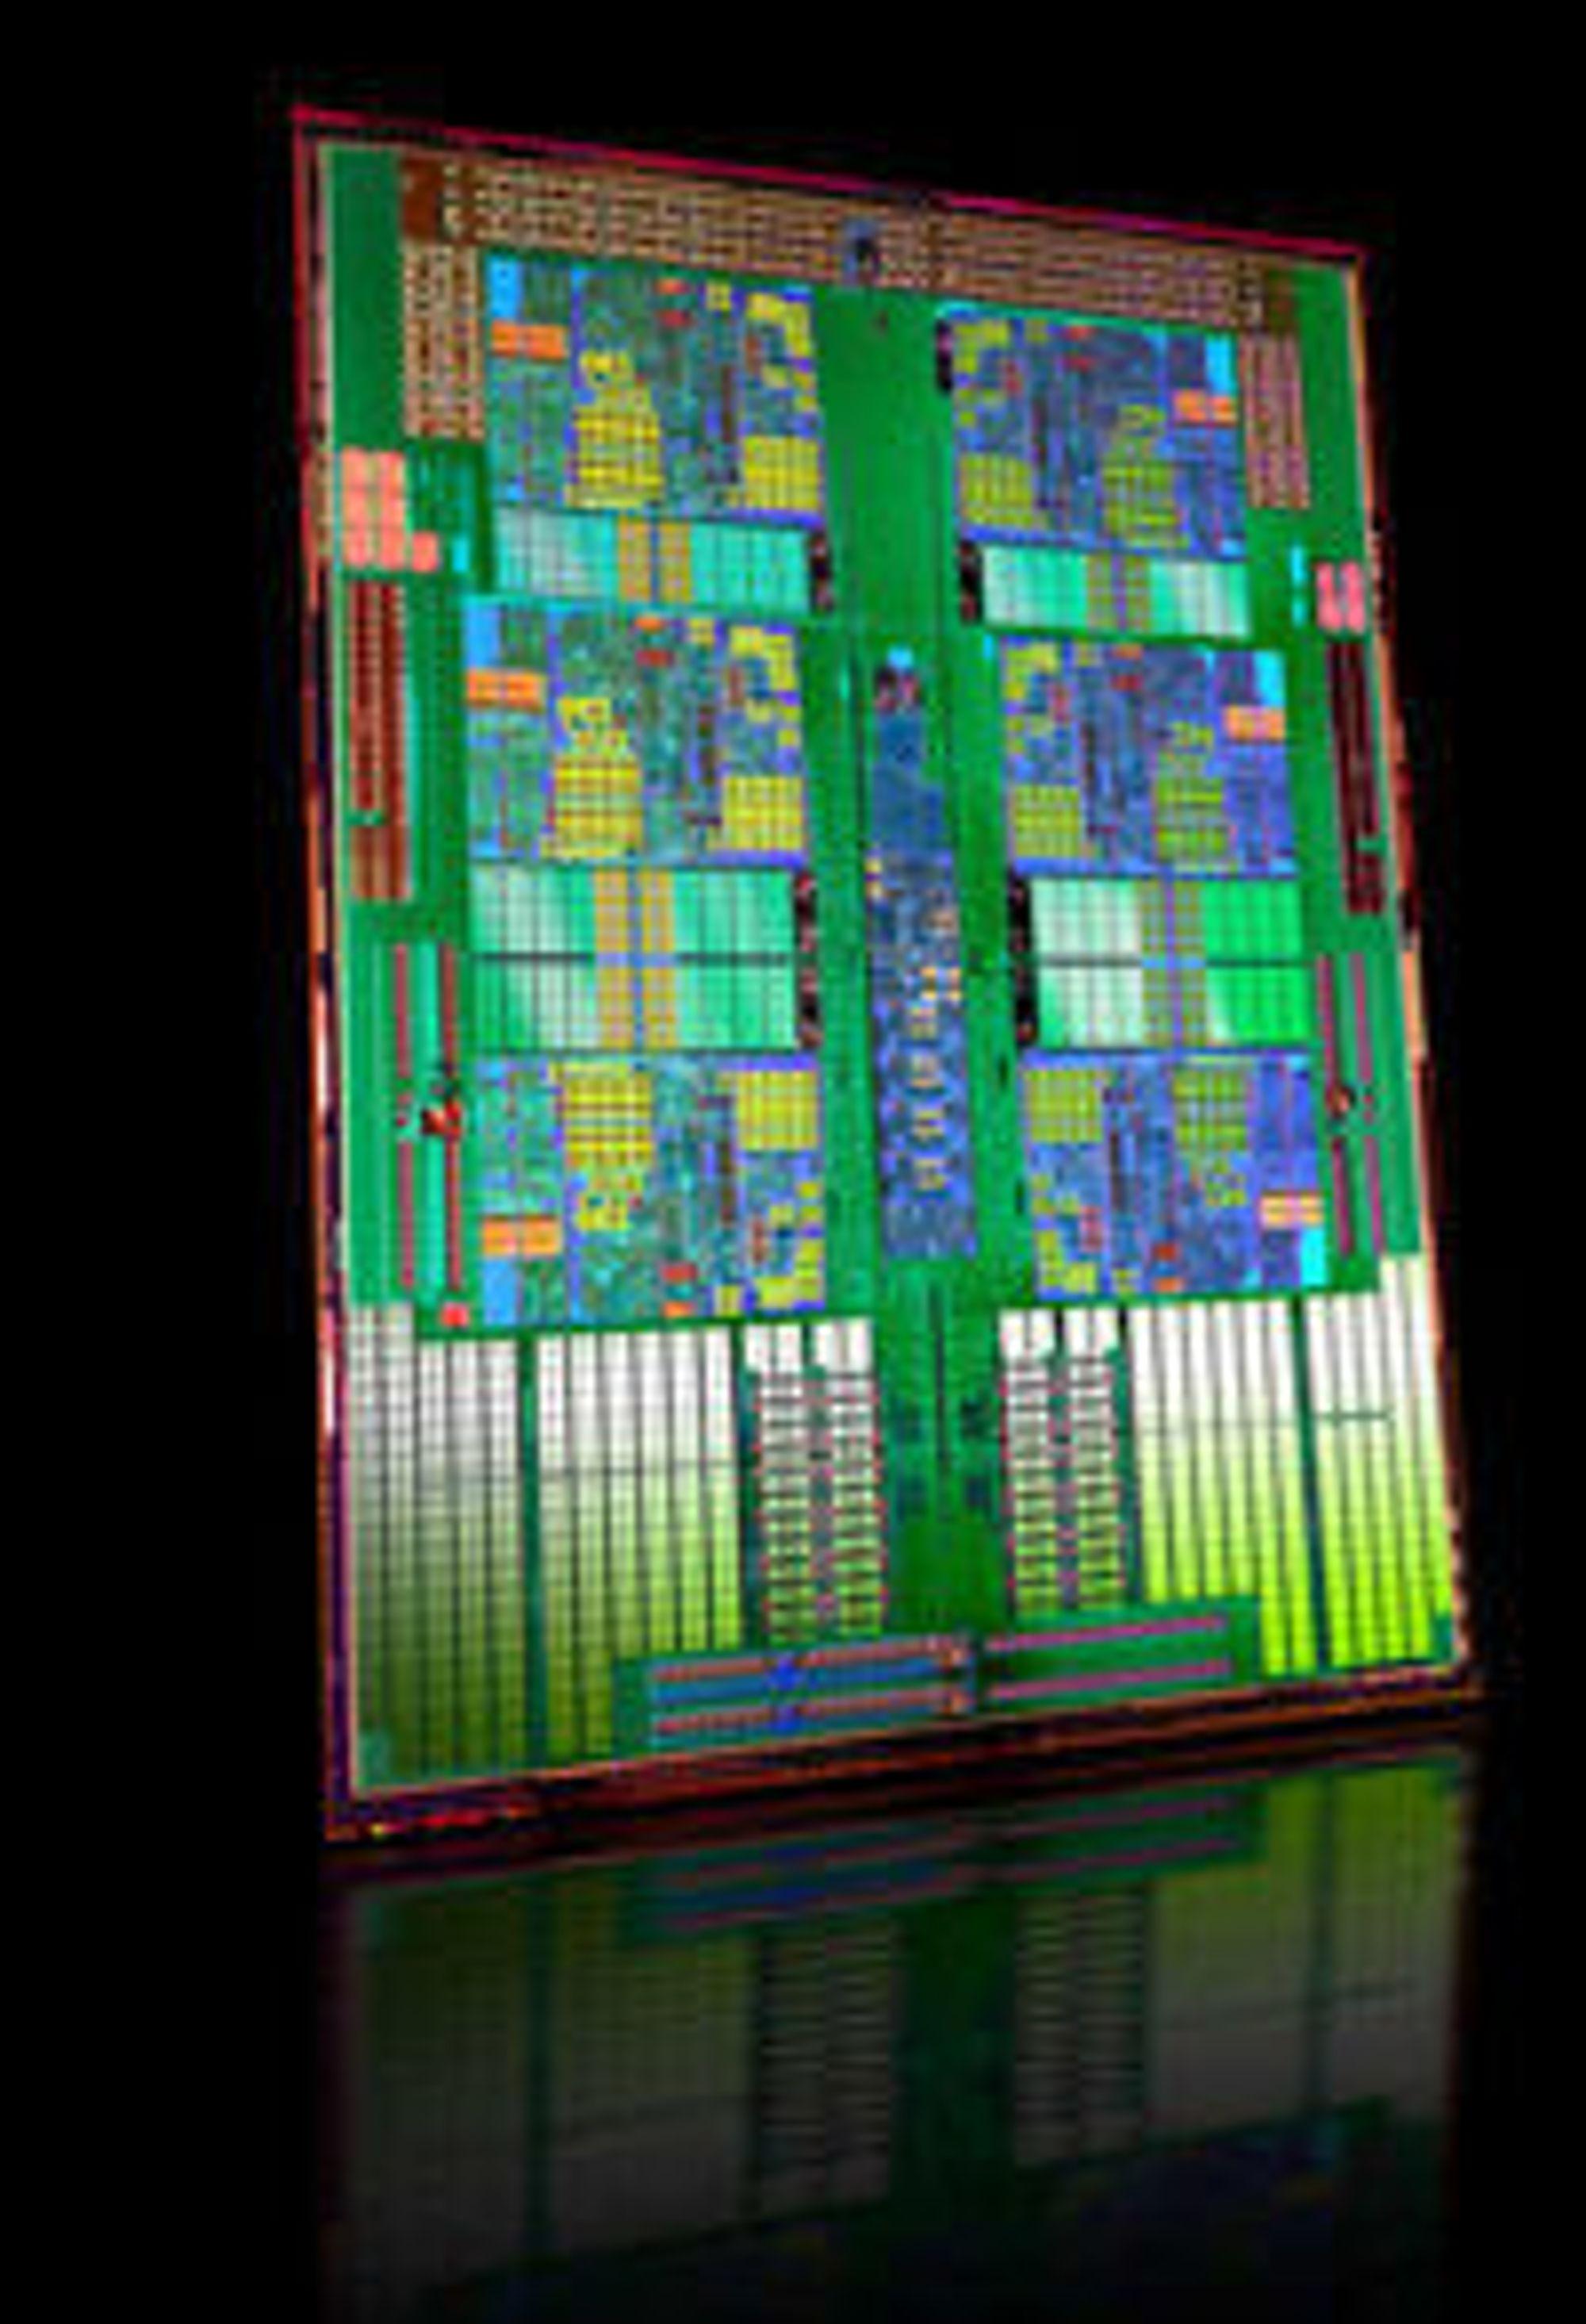 Innmaten i en sekskjernet Opteron-prosessor.